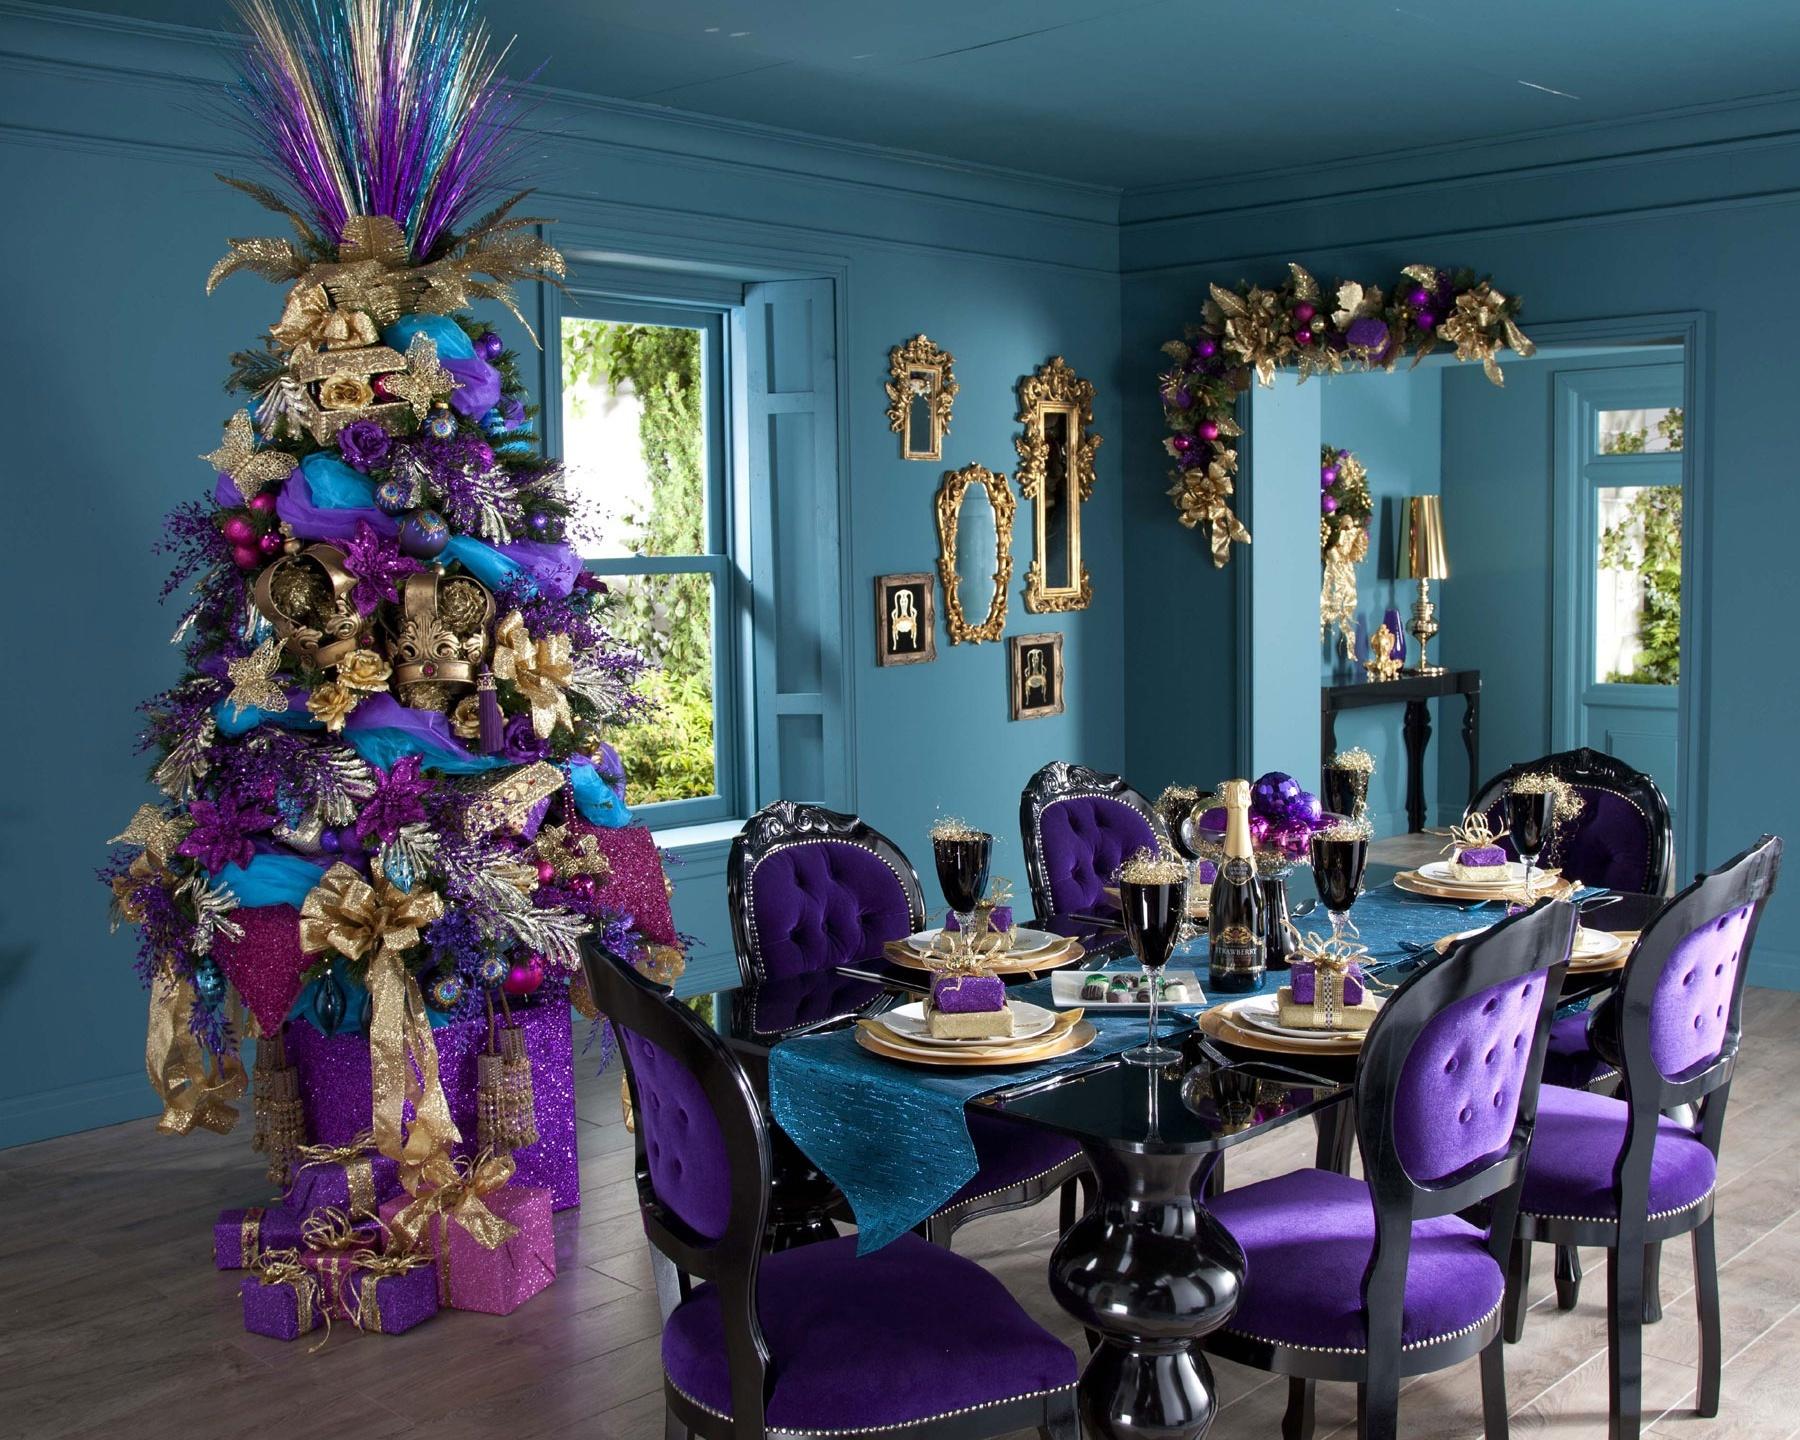 Декор интерьера в насыщенном синем, зеленом, голубом, салатовом, желтом, золотом, коричневом цветах